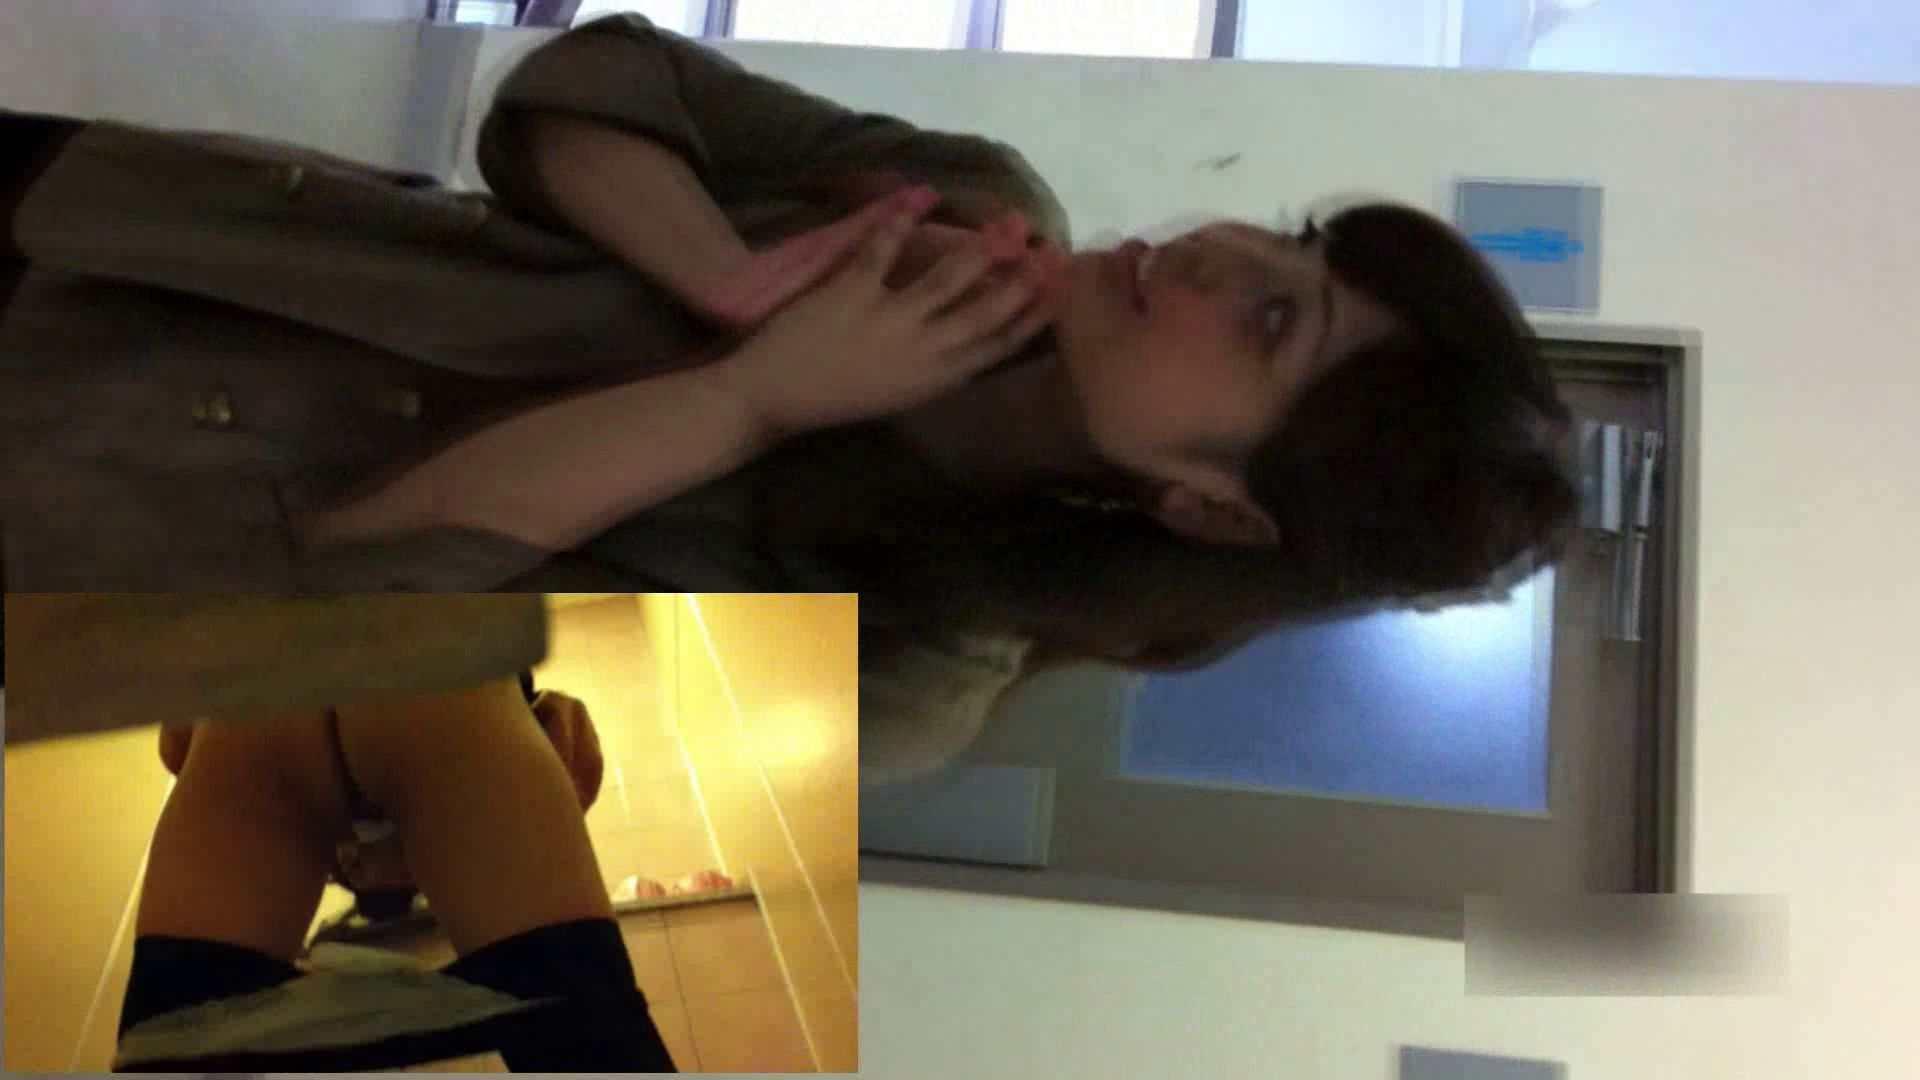 お姉さんの恥便所盗撮! Vol.16 お姉さんのヌード セックス無修正動画無料 58画像 58